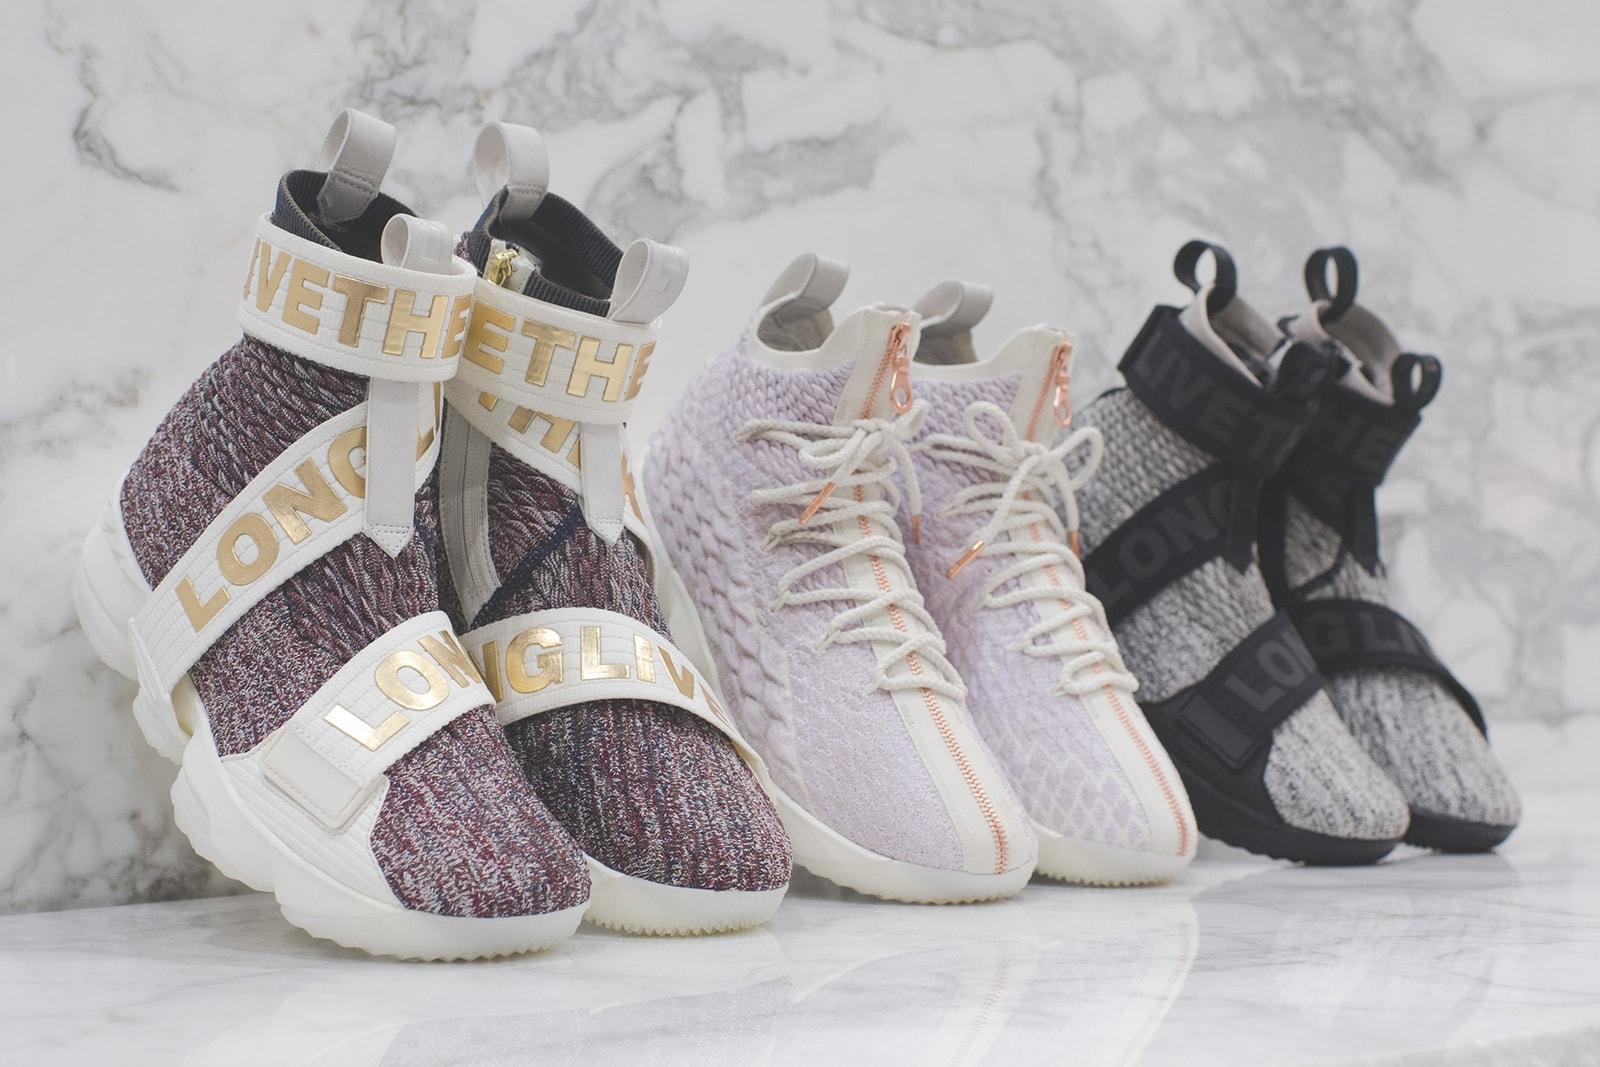 分析籃球鞋在 Sneaker 文化中崛起的因由